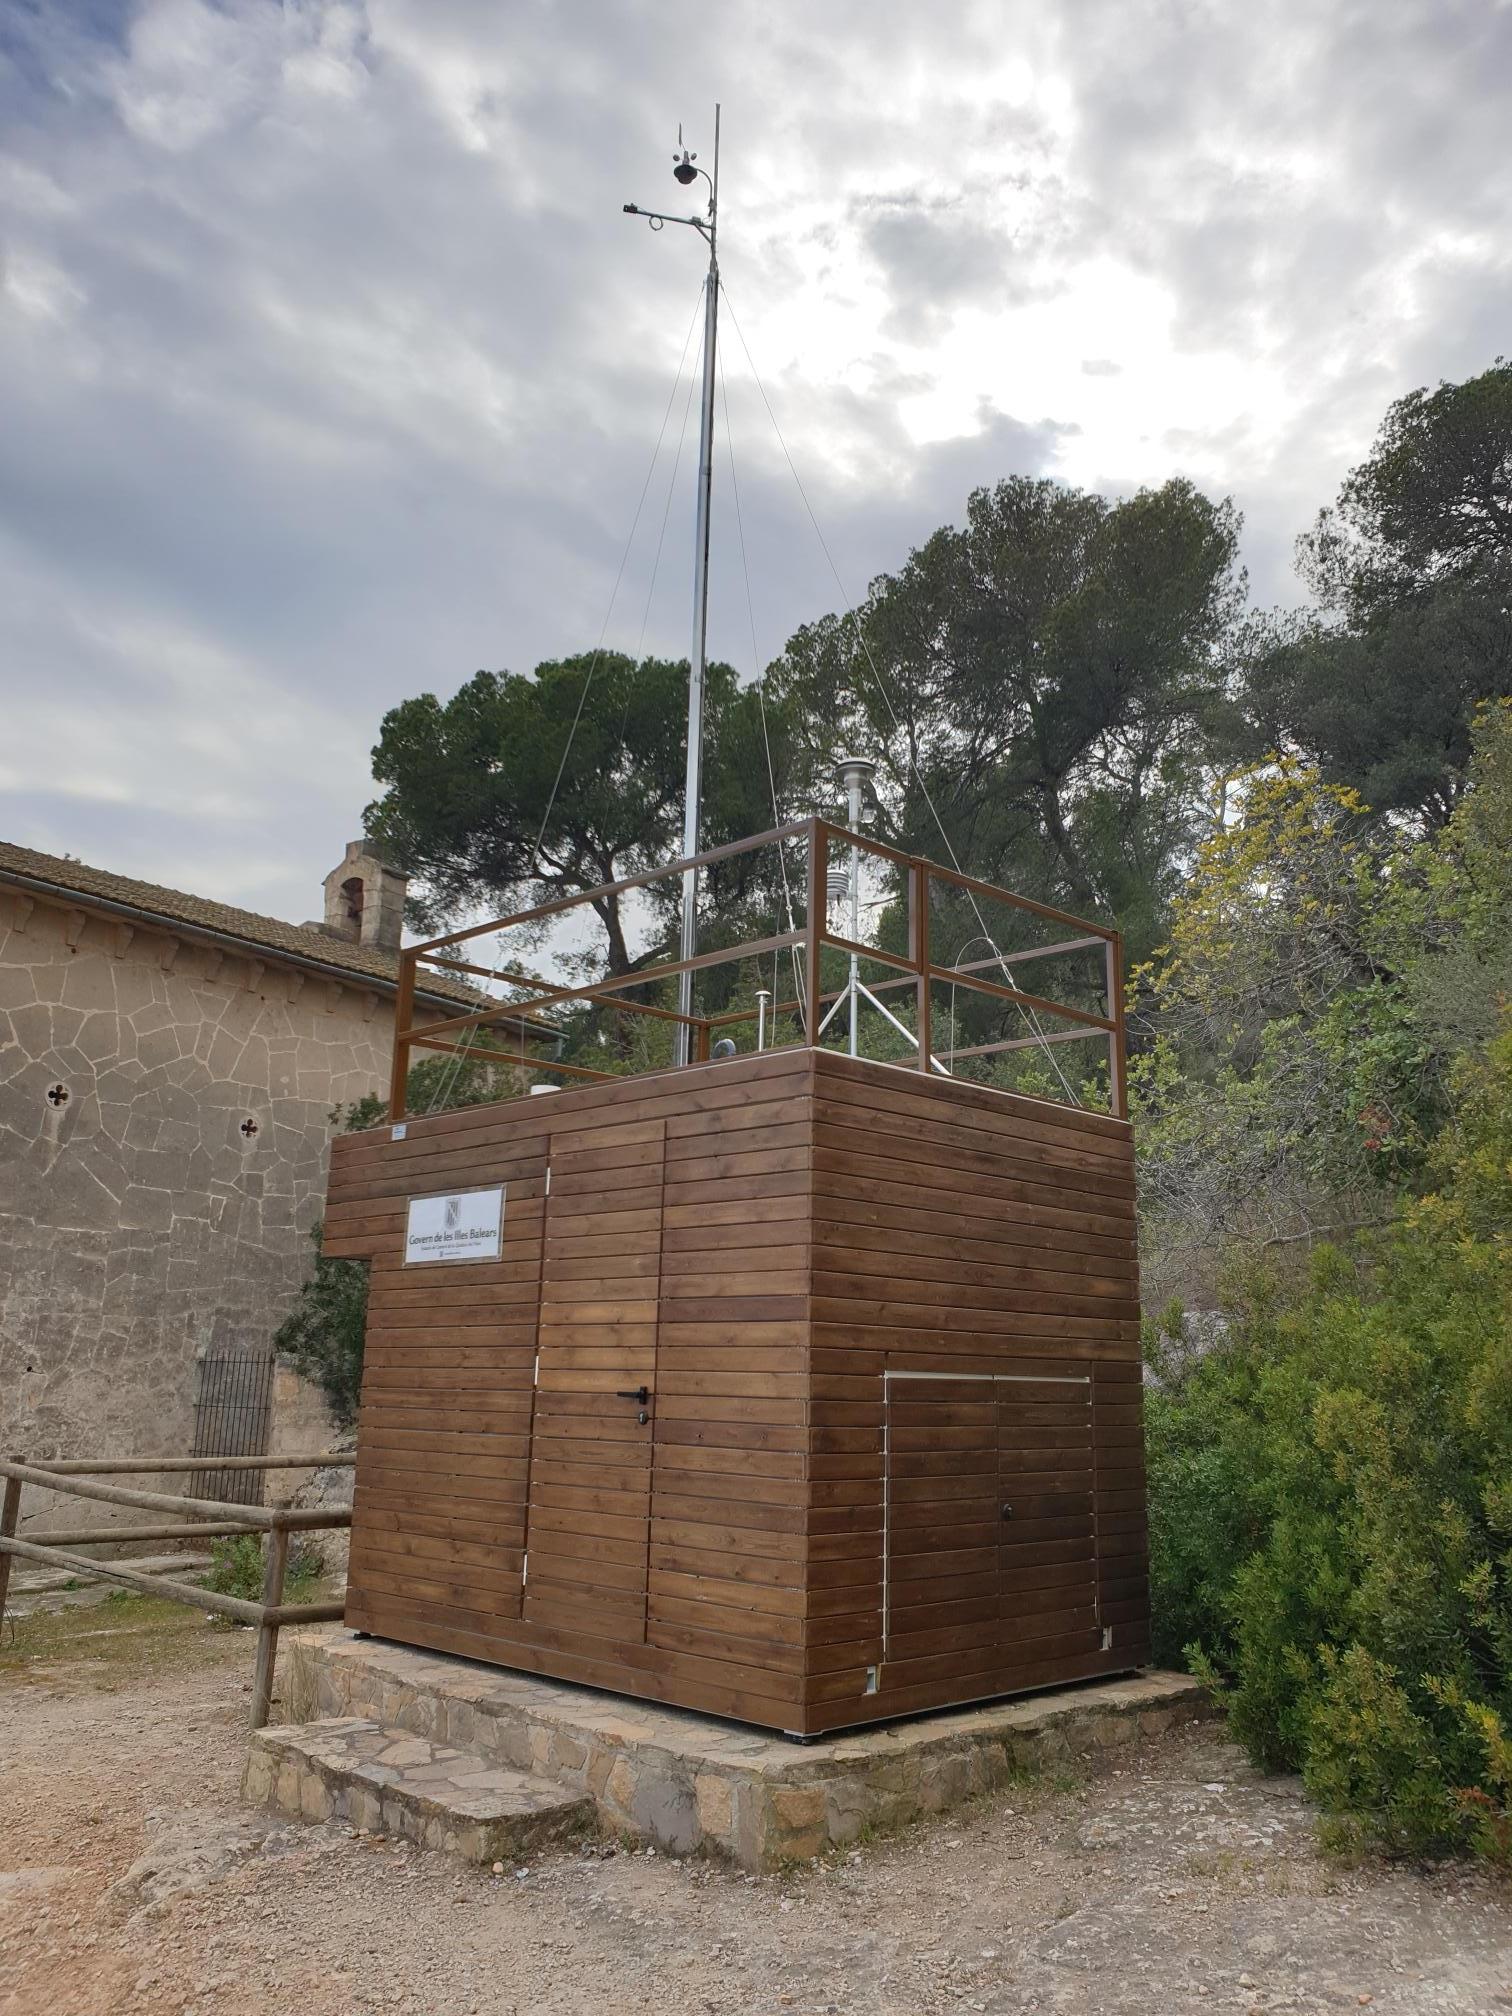 Estació de Parc de Bellver - Palma de Mallorca (Mallorca) - Xarxa balear de vigilància i control de la qualitat de l'aire.